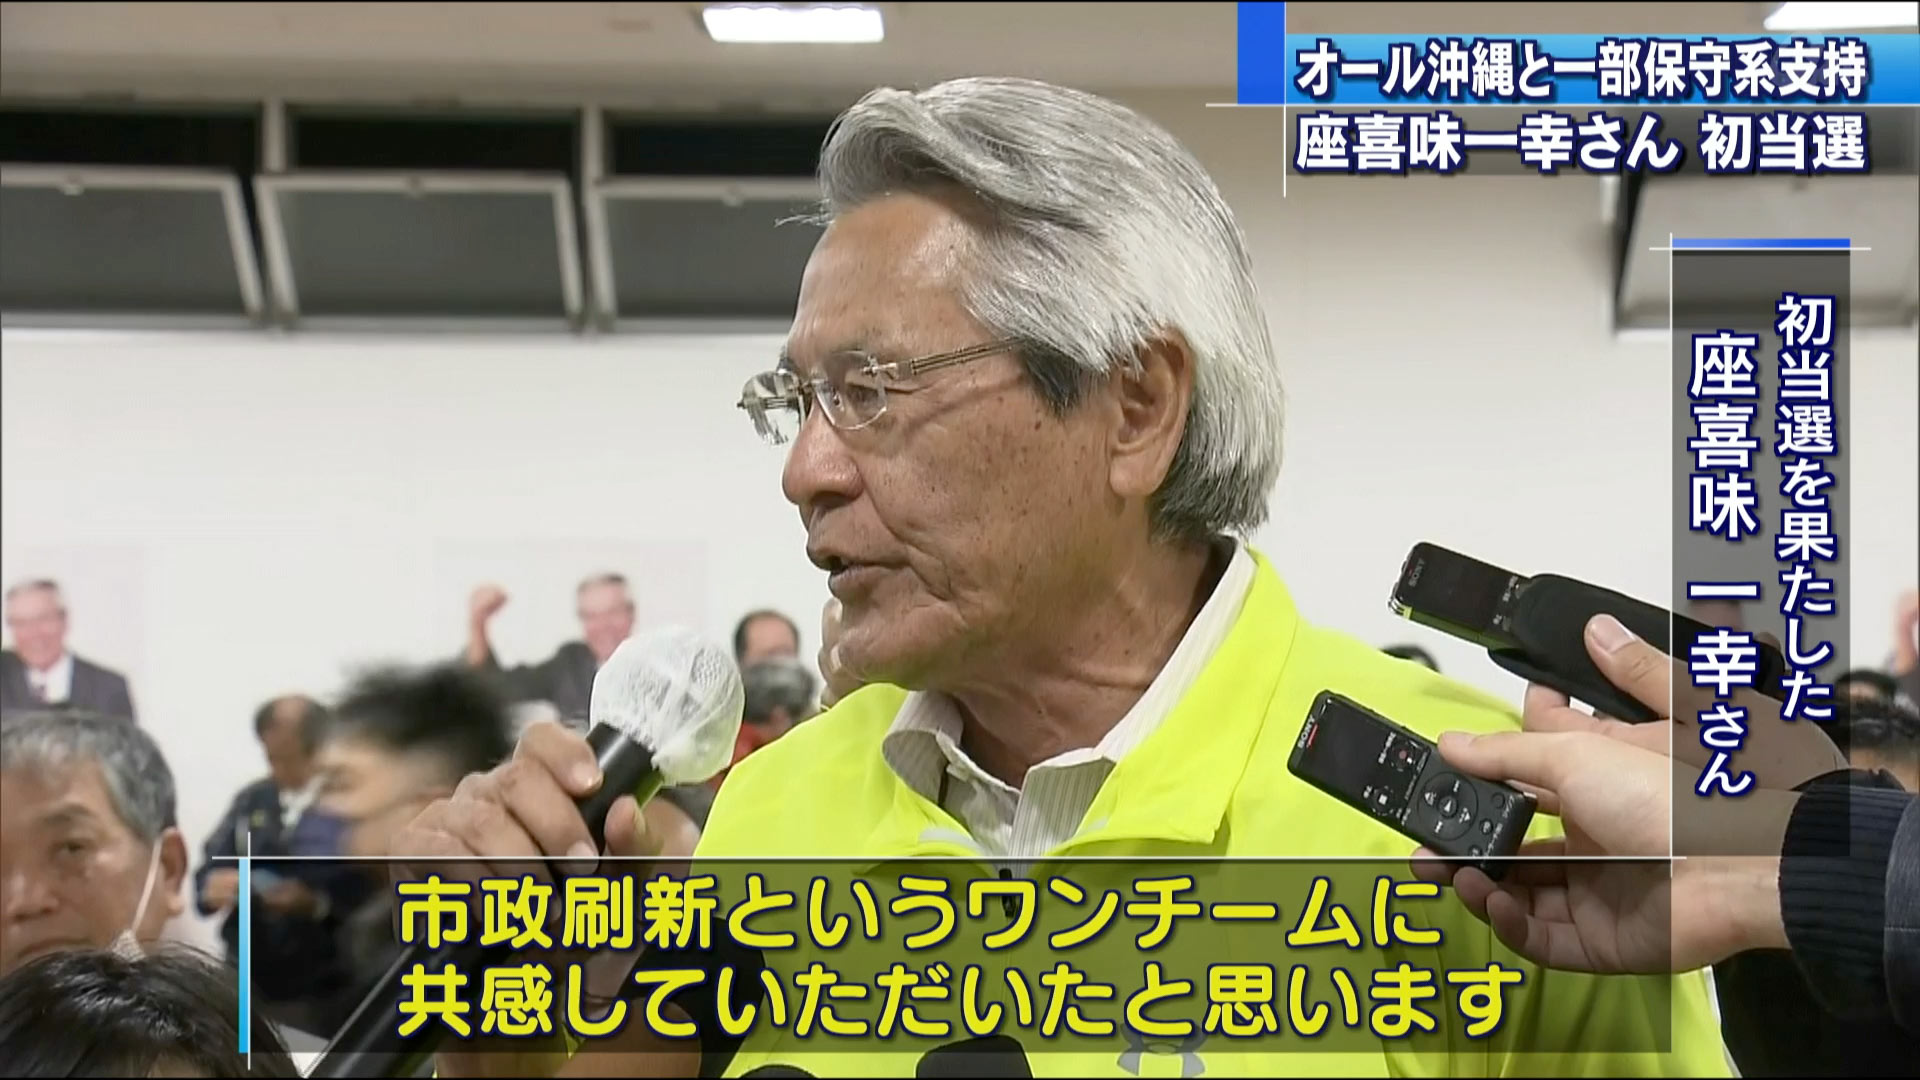 宮古島市長選挙 新人の座喜味一幸さんが初当選